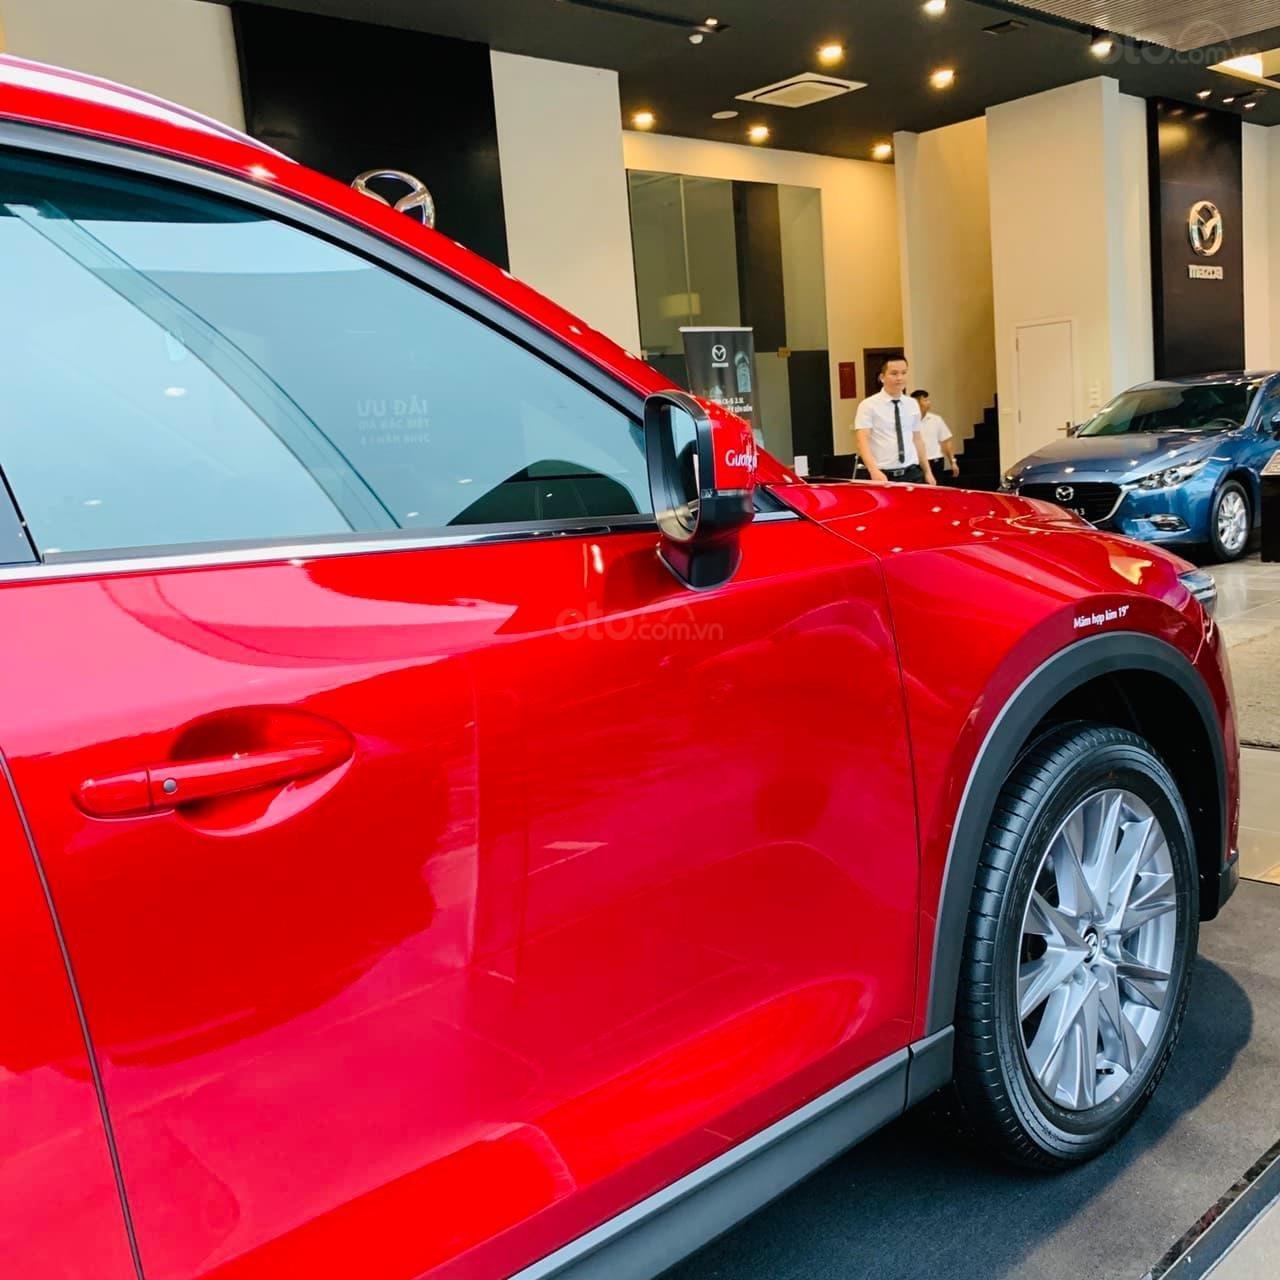 Mazda Cx5 IPM 6.5, giảm 40 triệu tiền mặt, hỗ trợ trả góp 85%, giải ngân ngay. LH: 0948.12.02.88 (7)